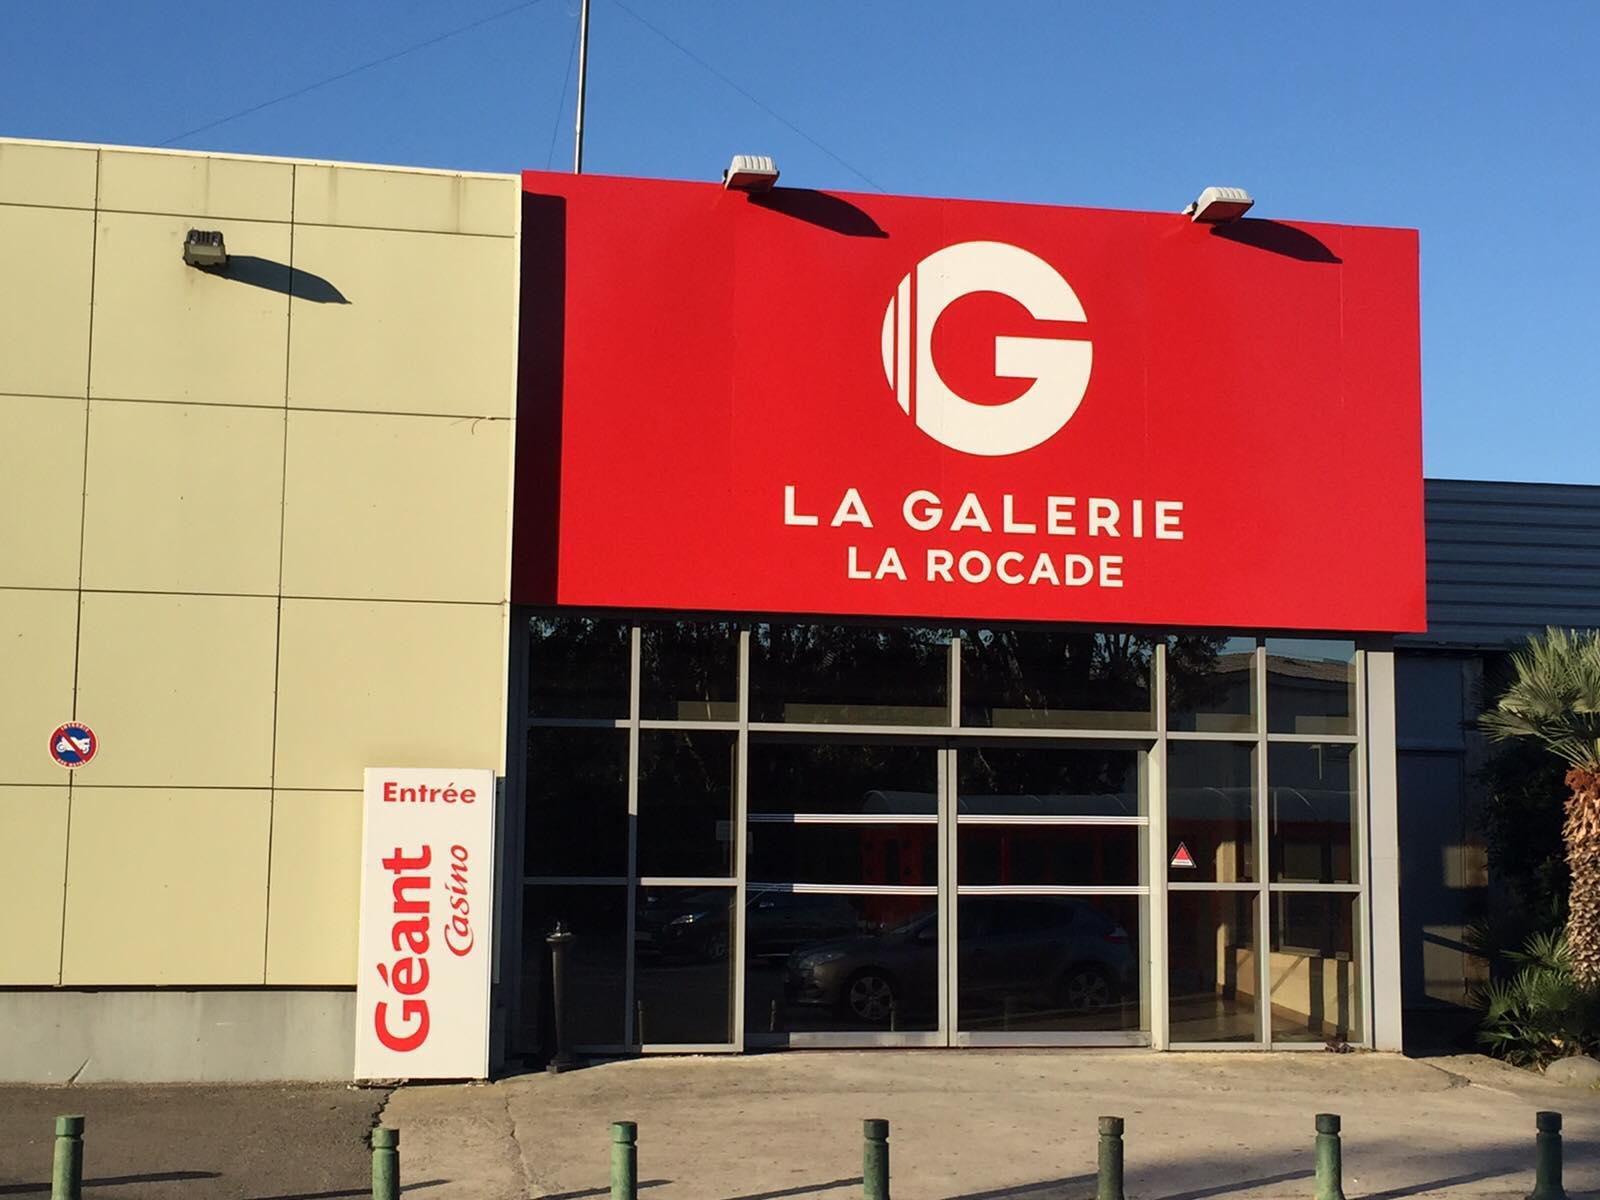 Déconfinement : Les commerces des galeries Géant Casino de Corse rouvriront le 11 mai